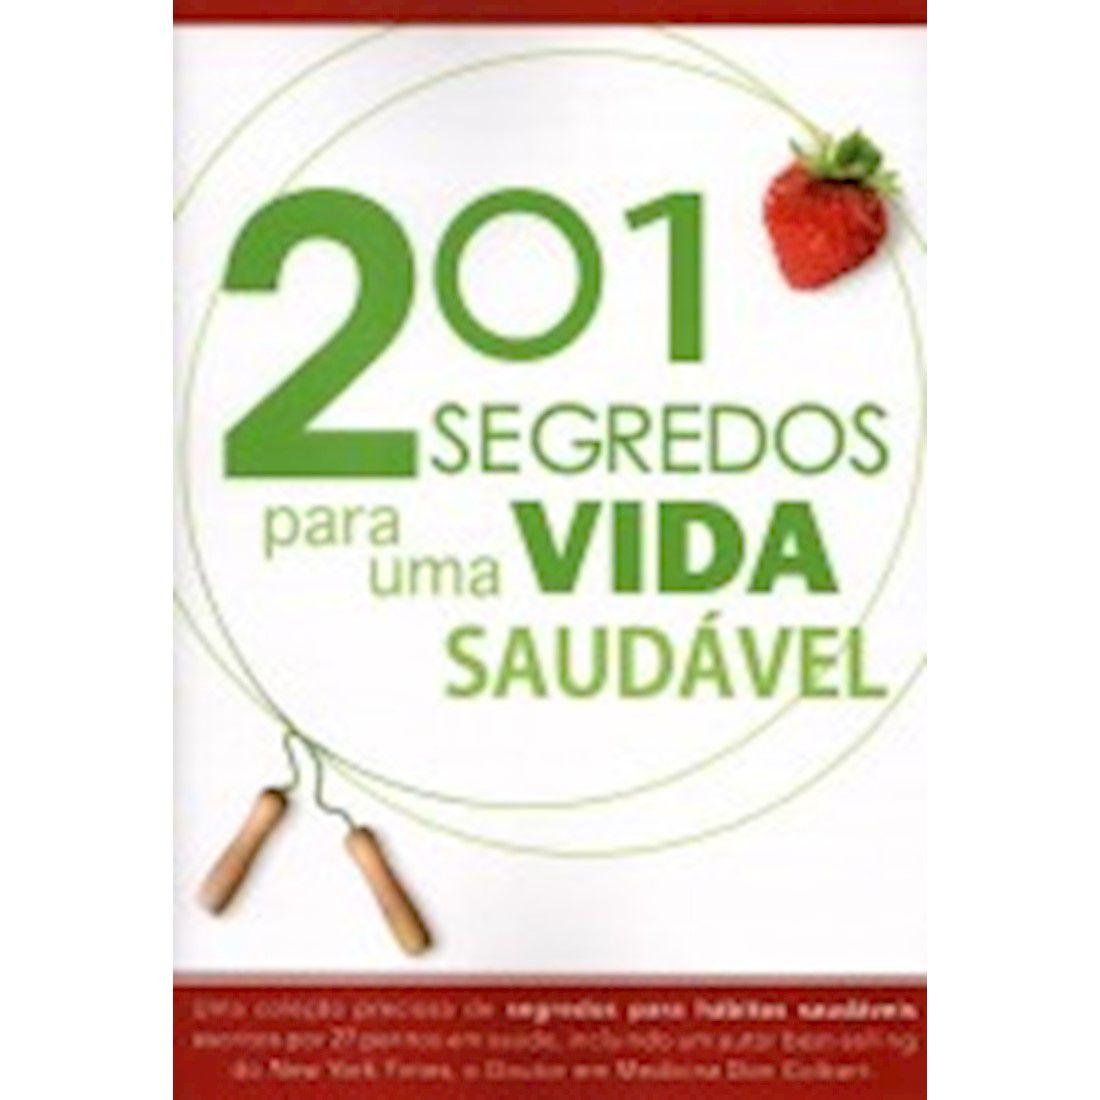 Livro 201 segredos para uma vida saudável